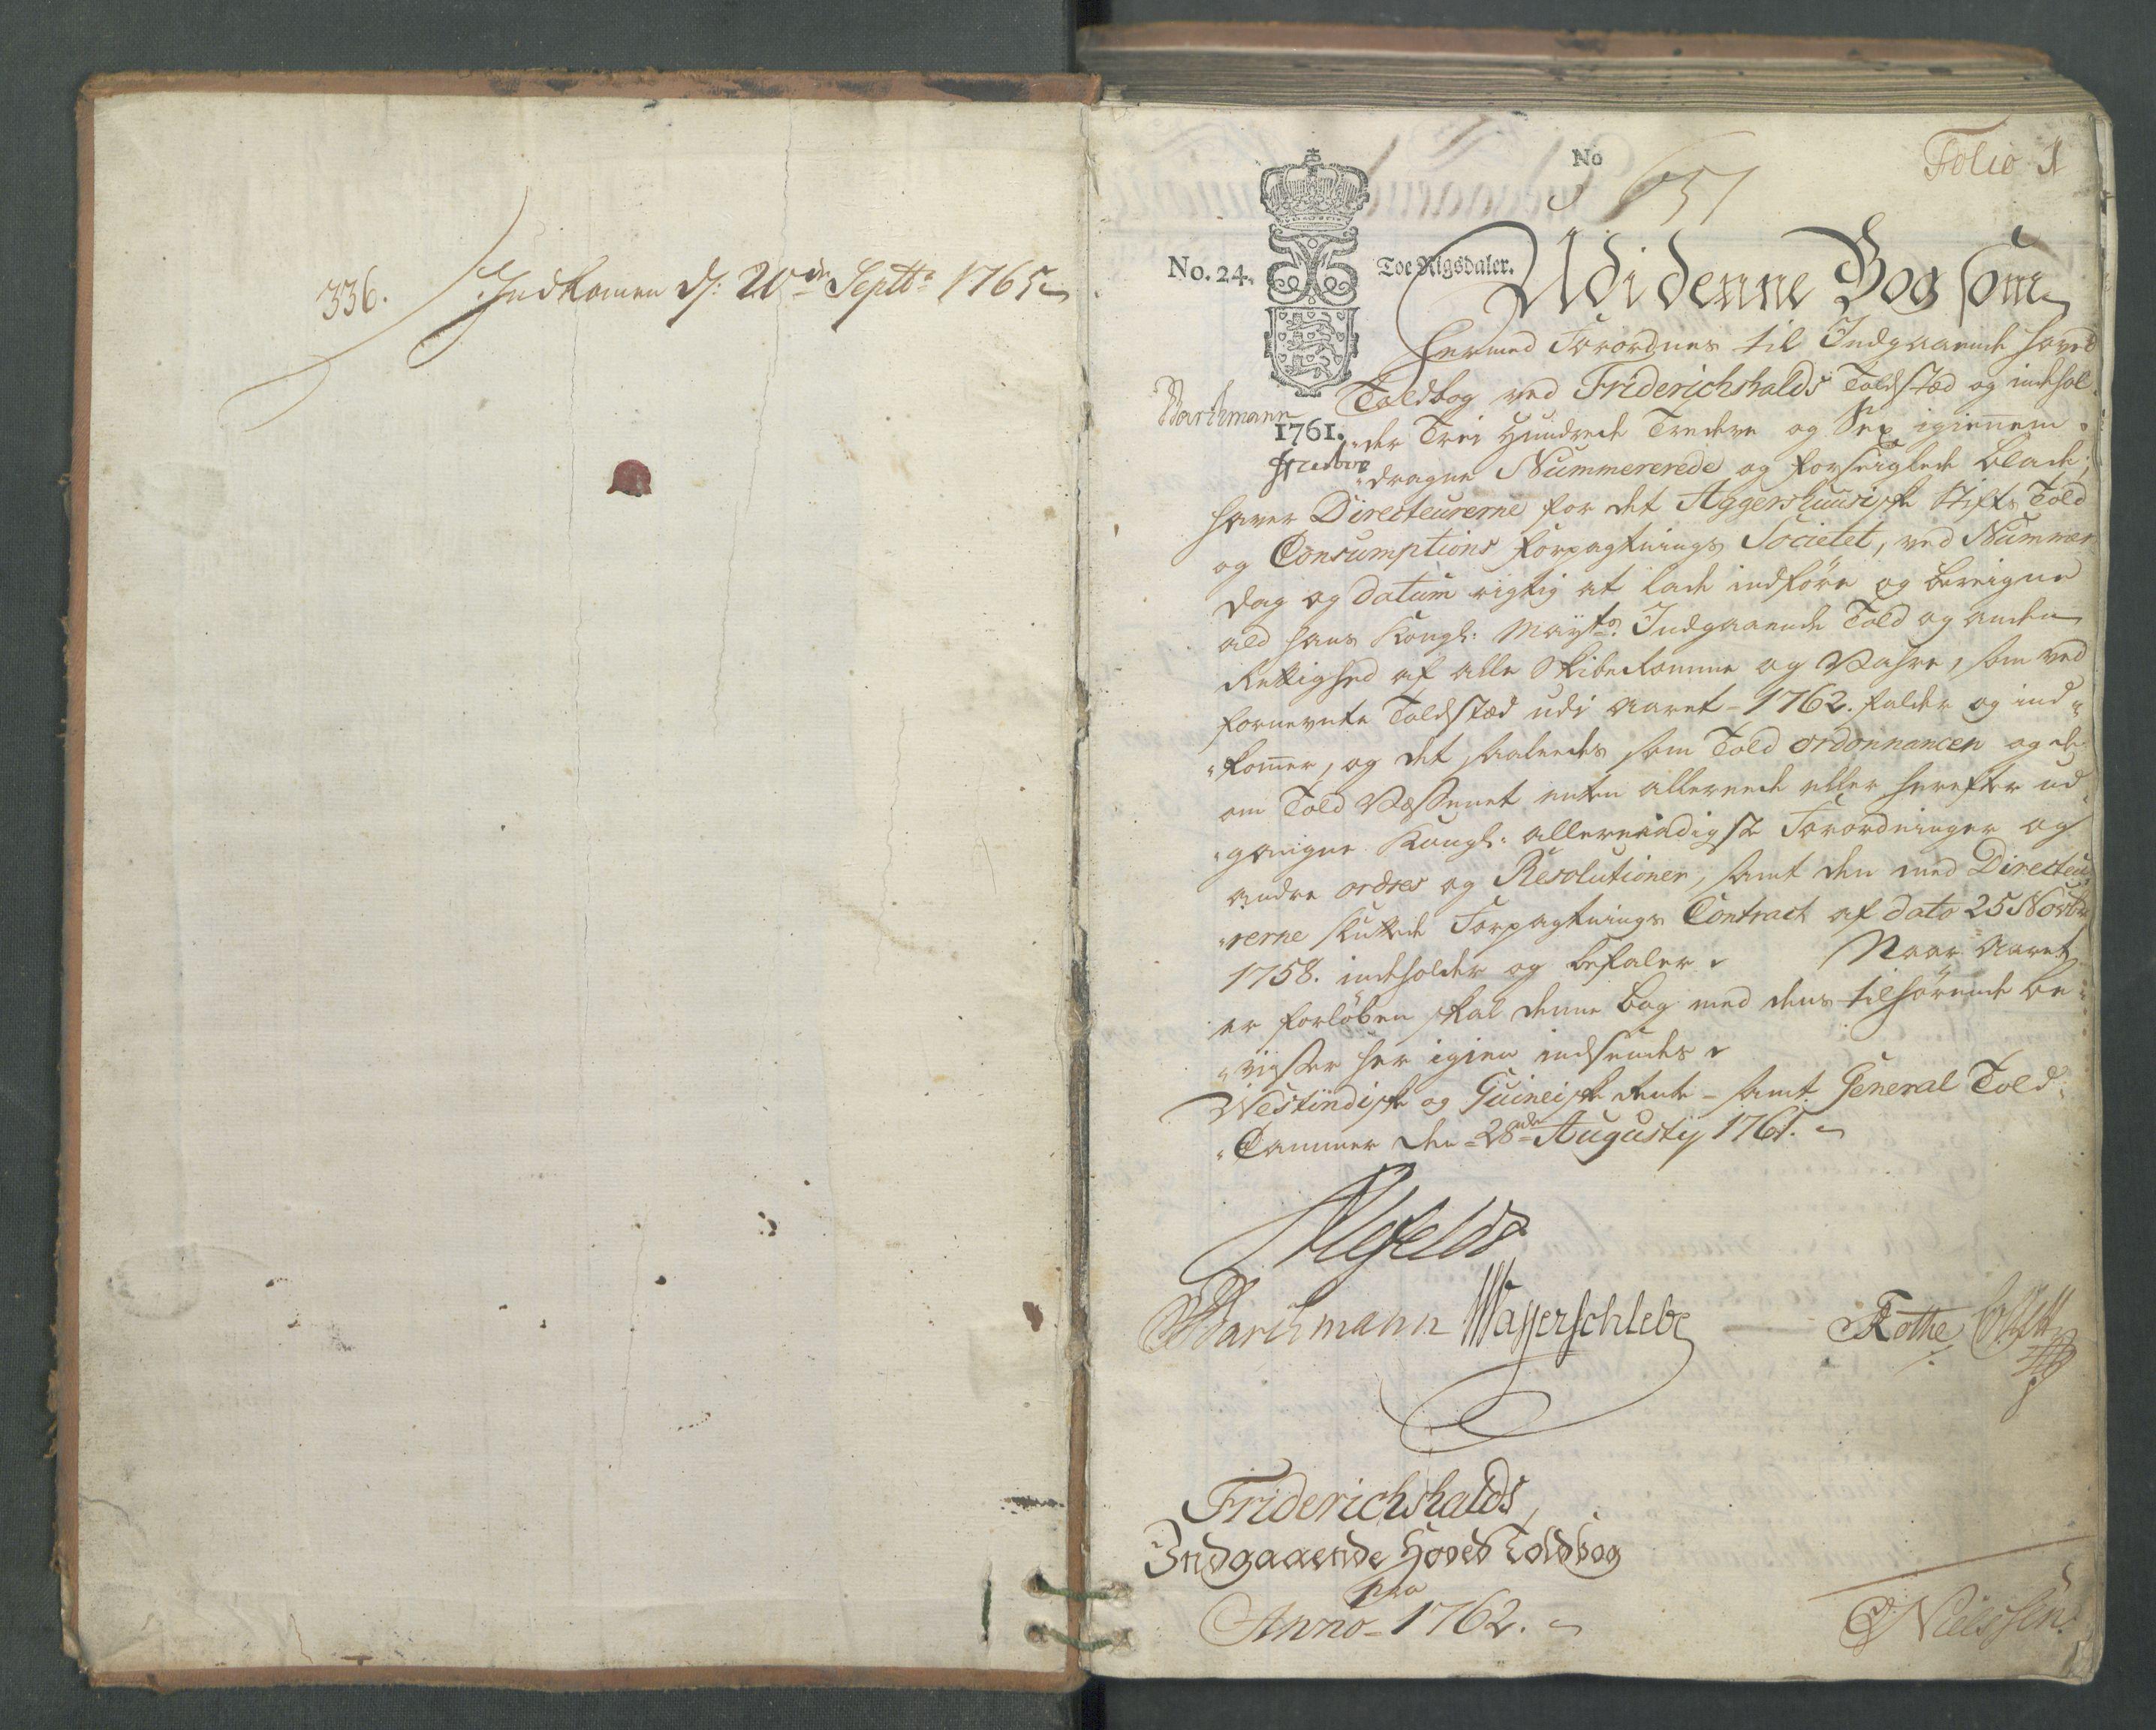 RA, Generaltollkammeret, tollregnskaper, R01/L0046: Tollregnskaper Fredrikshald, 1762, s. 1a